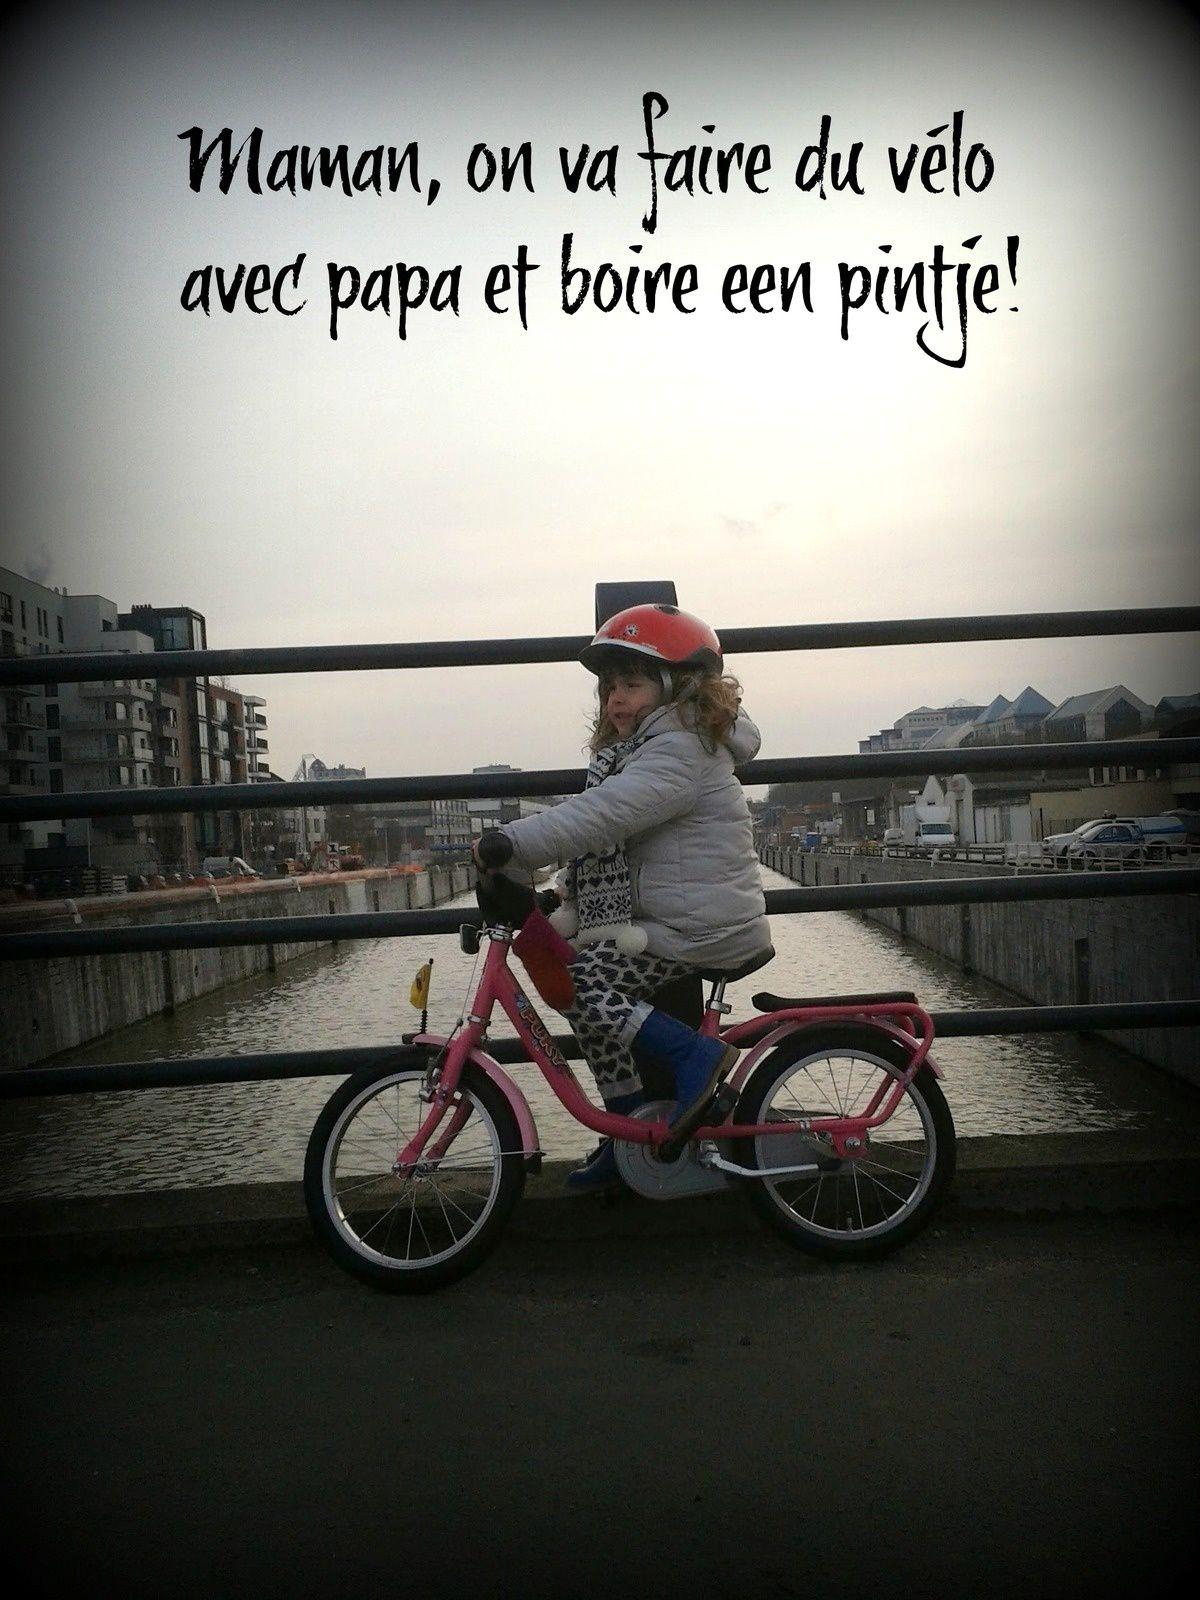 NOTE pour les non-Belges: een pintje = une bière!